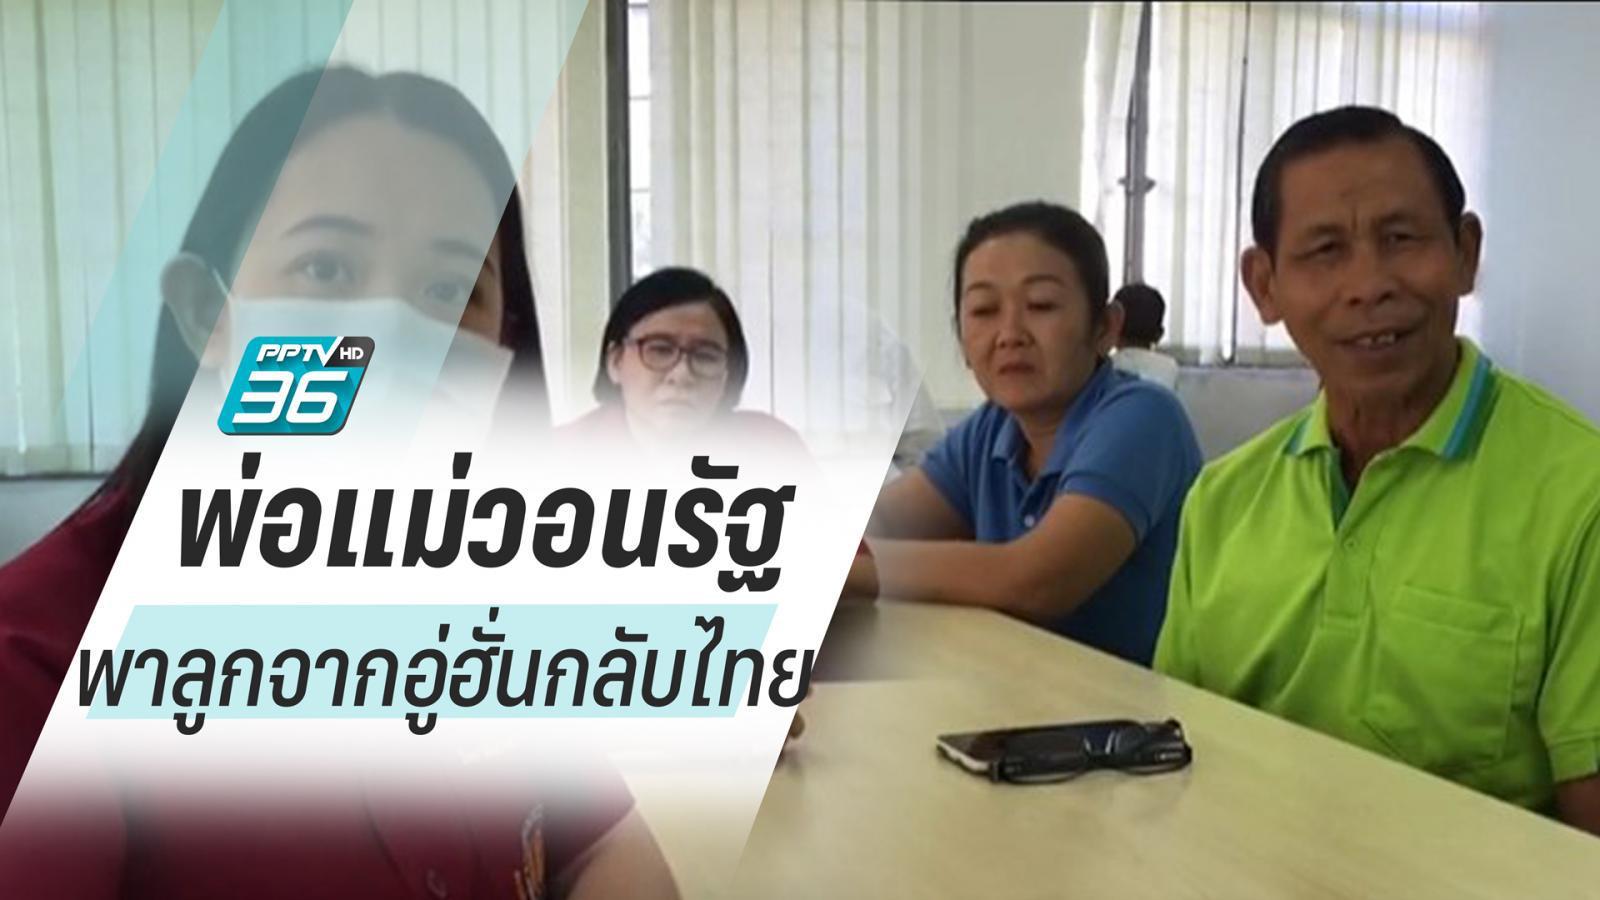 พ่อแม่นักศึกษาไทยในอู่ฮั่น วอนรัฐบาลพาลูกกลับอย่างปลอดภัย